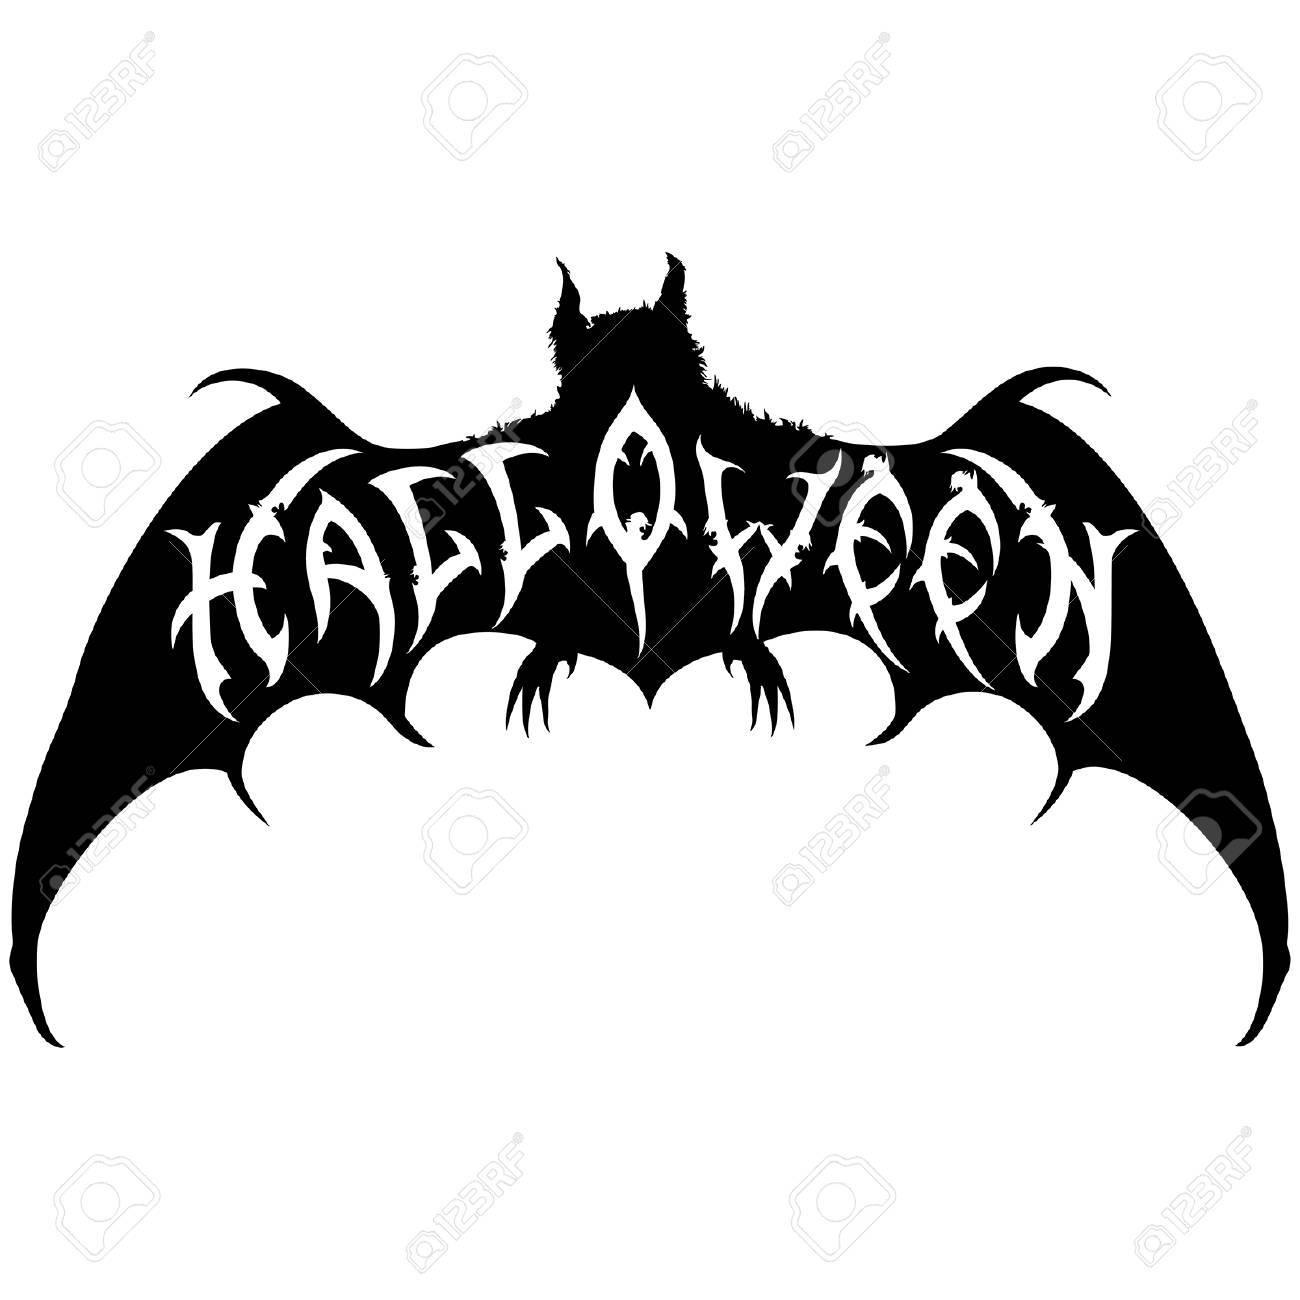 コウモリのシルエットにイラスト ハロウィン タイトルが配置されます